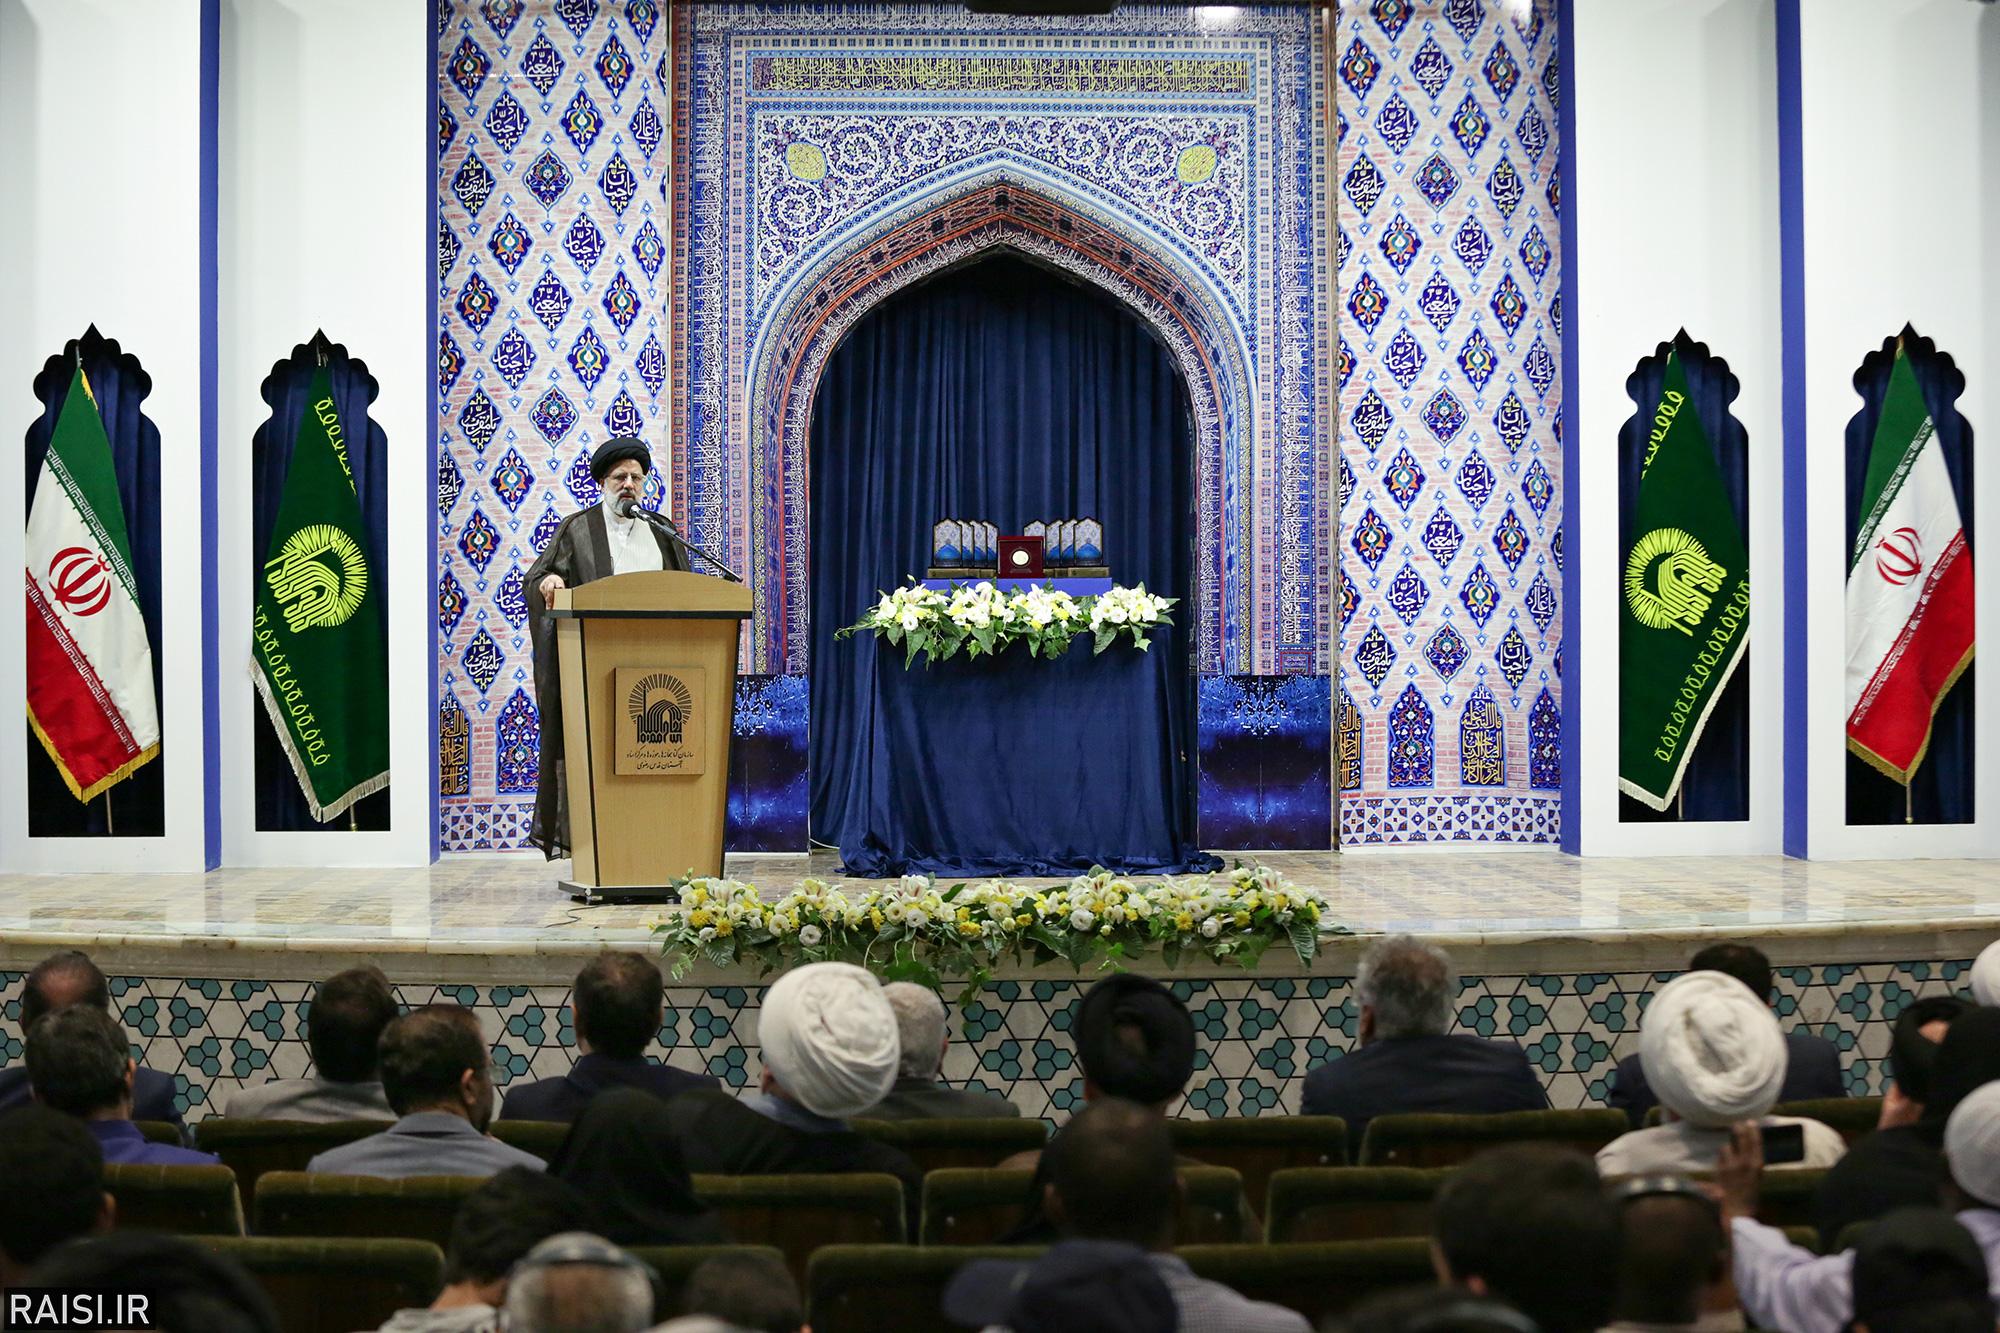 گزارش تصویری آیین اختتامیه سومین دوره جایزه جهانی گوهرشاد با حضور تولیت آستان قدس رضوی